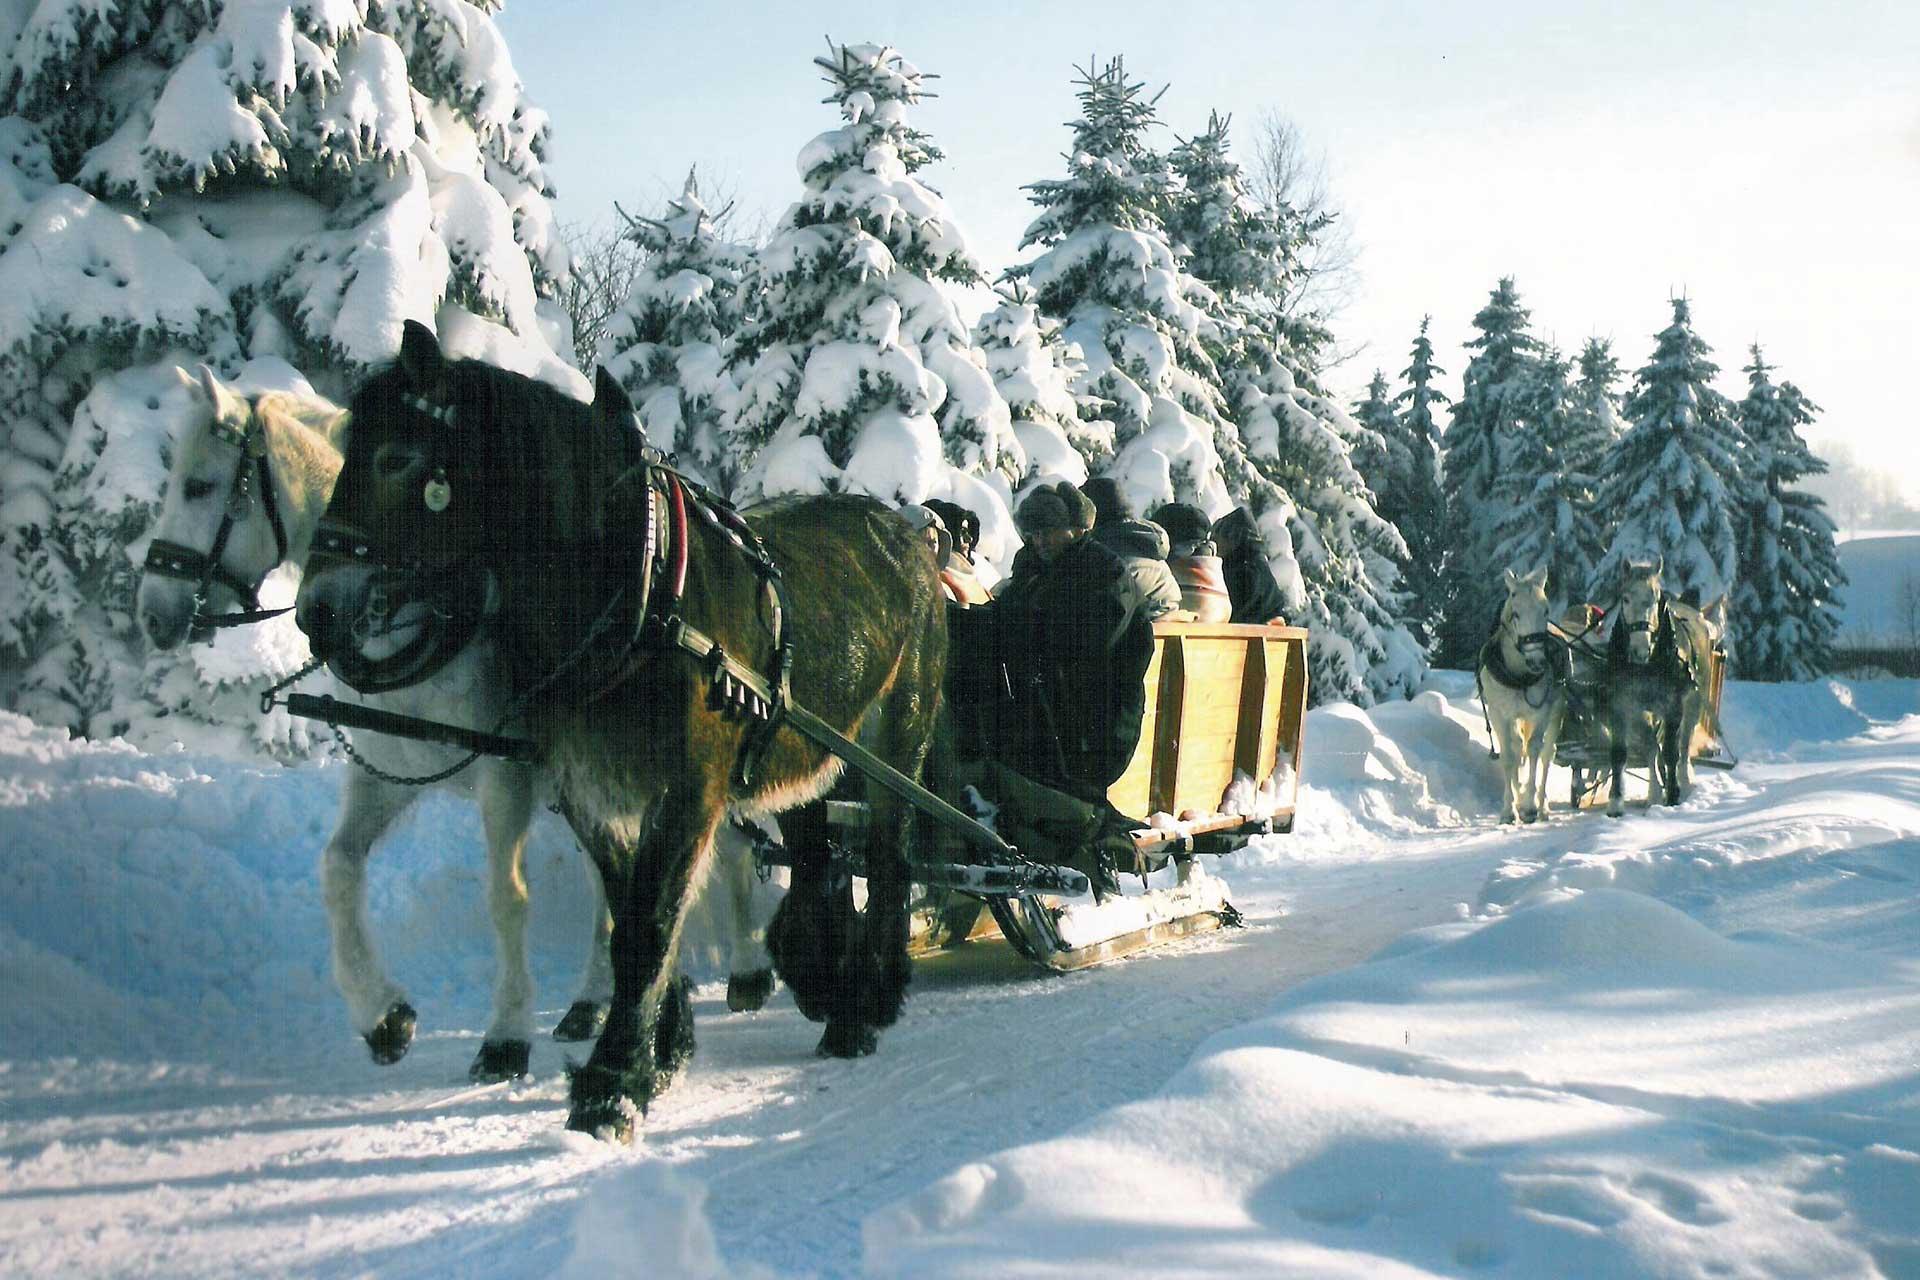 hotel-berghof-winter-kutschfahrt